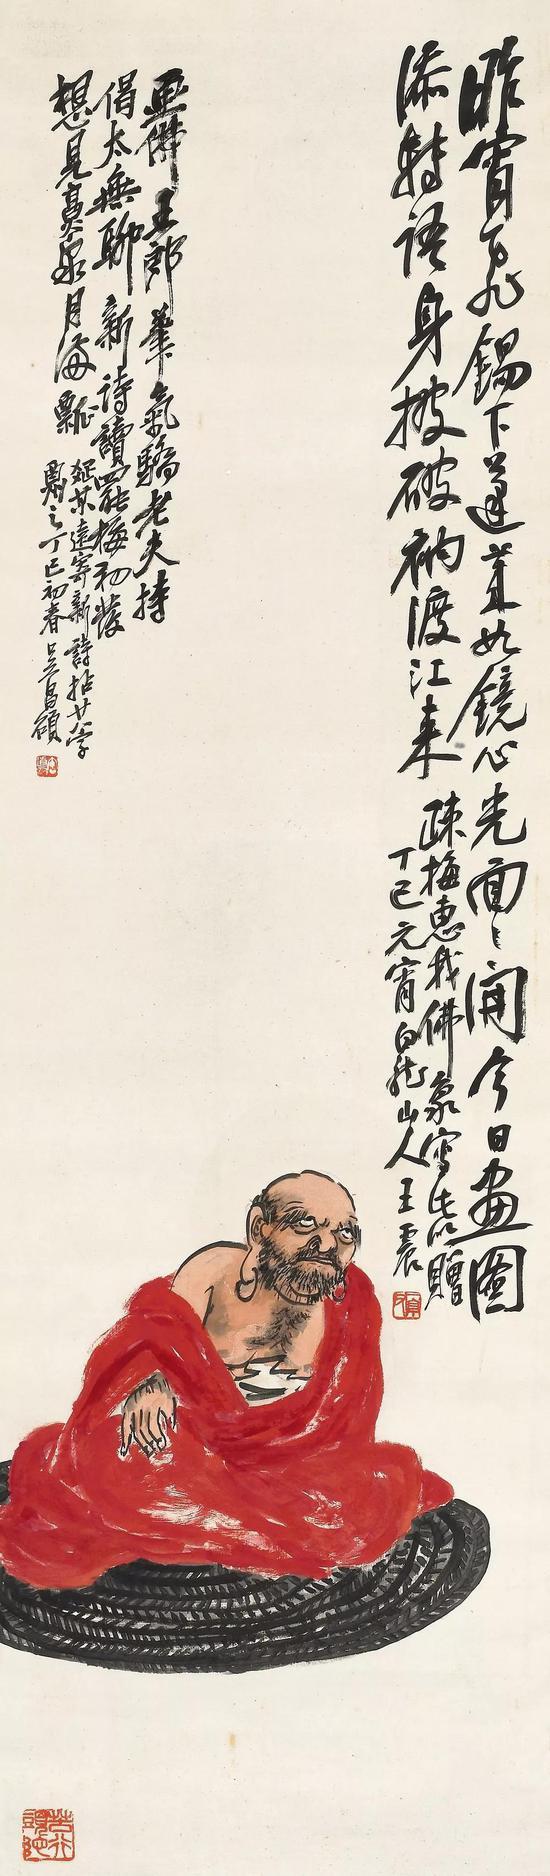 Lot 340 王震(1867-1938)红衣达摩